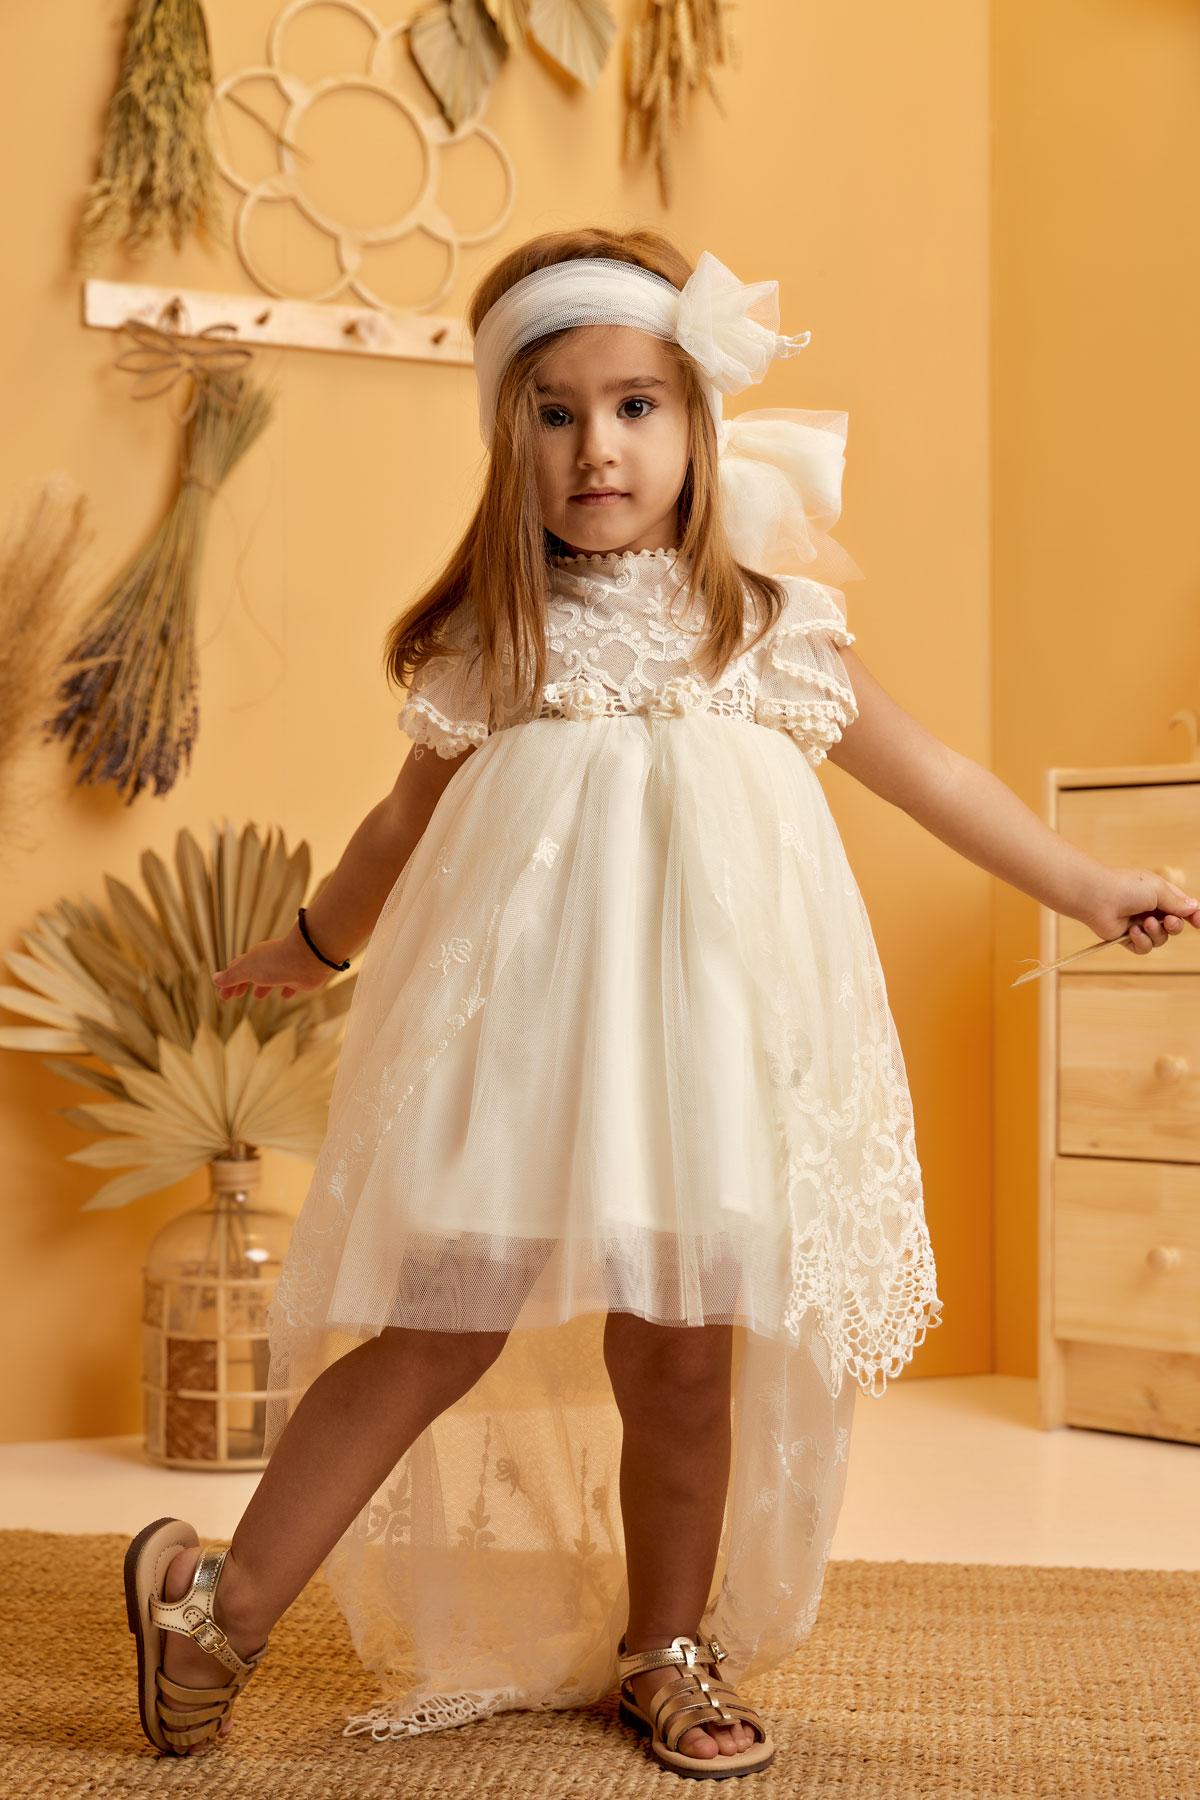 Βαπτιστικό φόρεμα εκρού με δαντελένια ουρά και ανοιχτή πλάτη